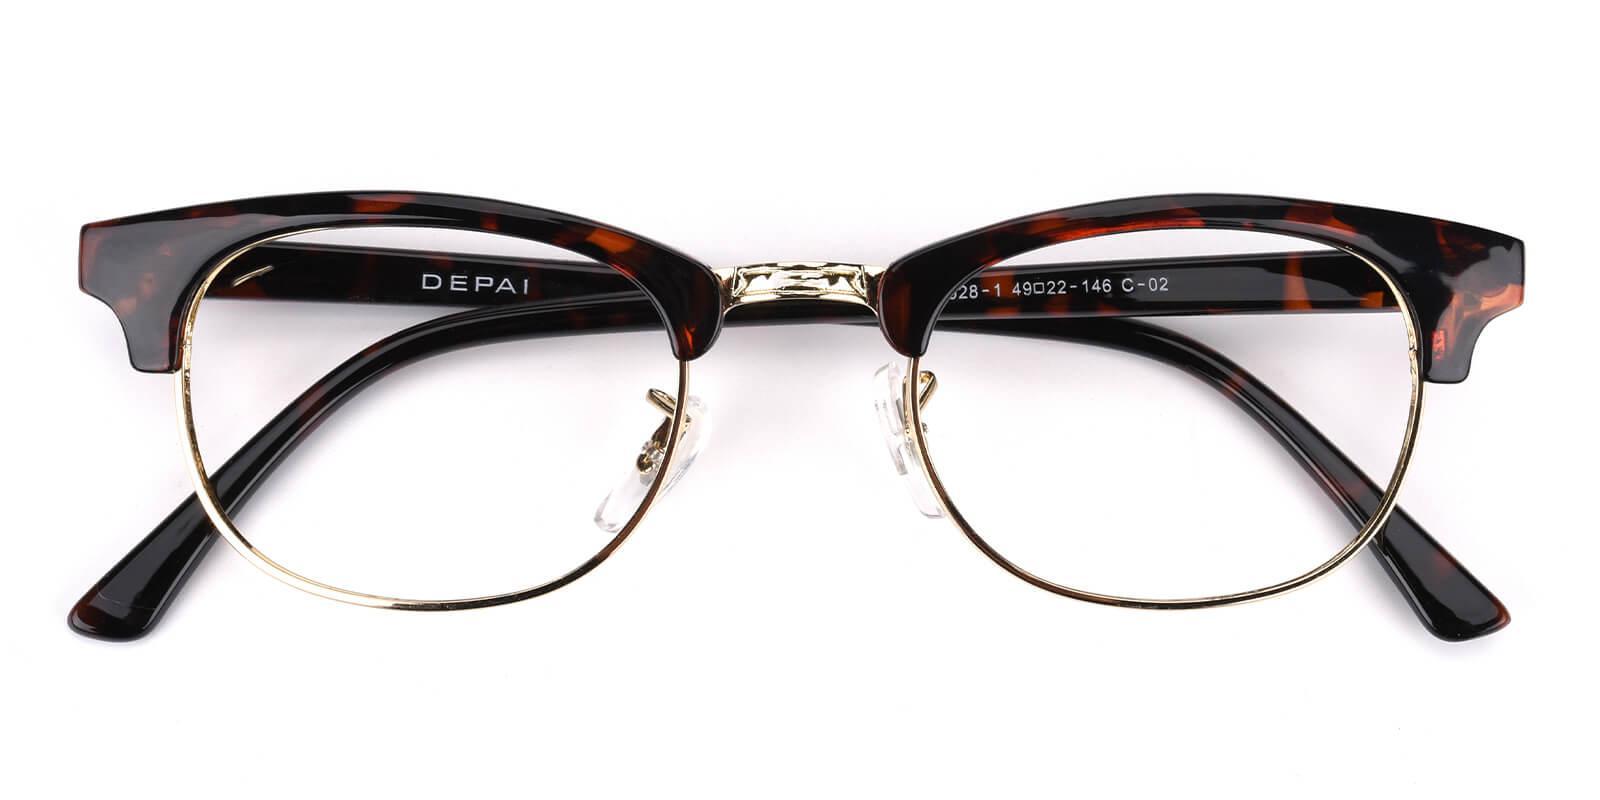 Sercily-Tortoise-Square-TR-Eyeglasses-detail